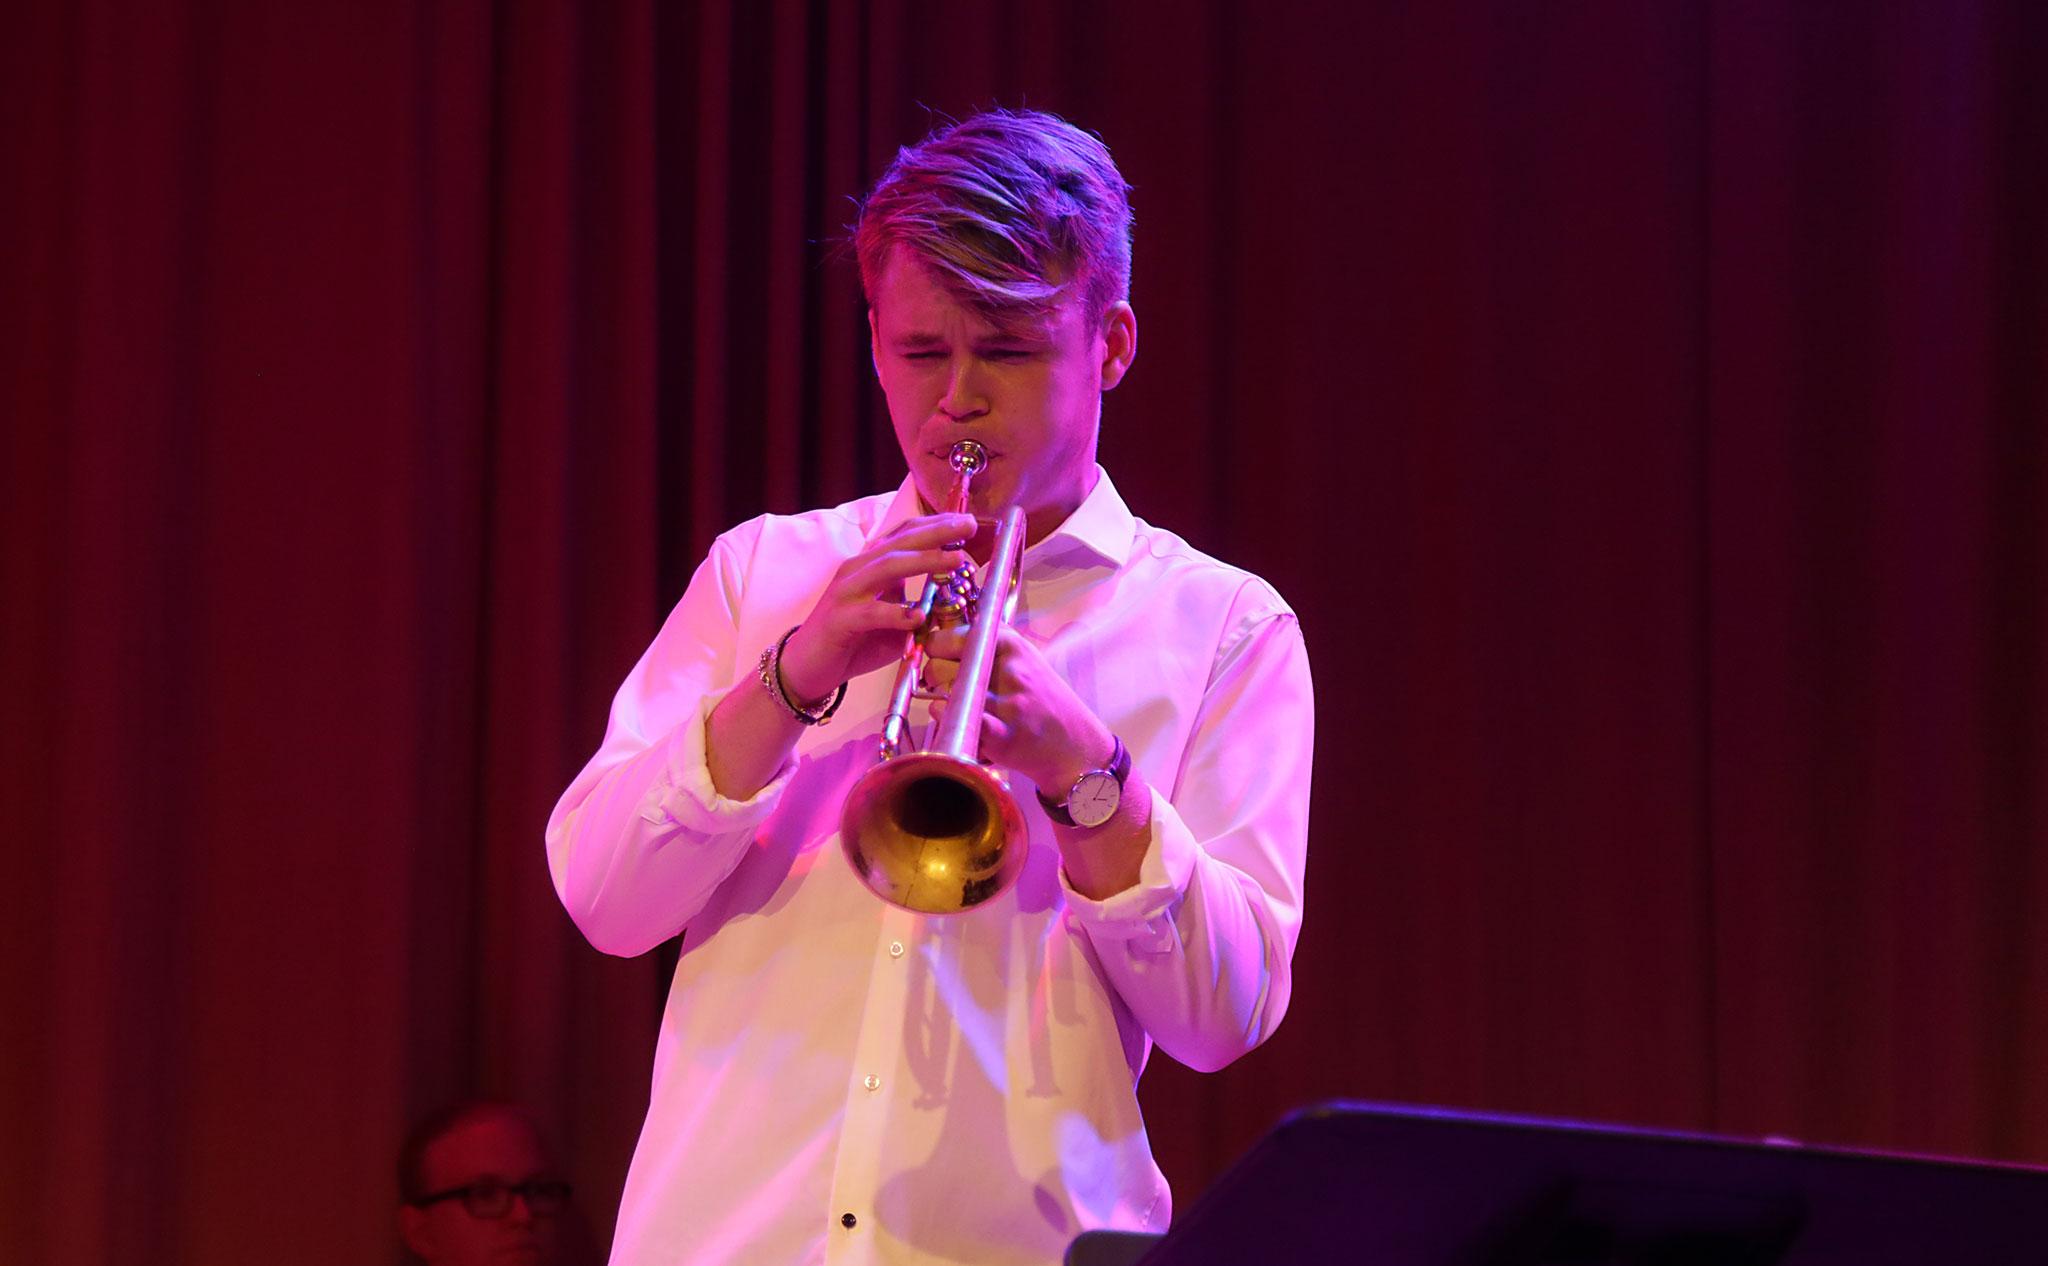 Trumpetare med vit skjorta, i lila scenljus.